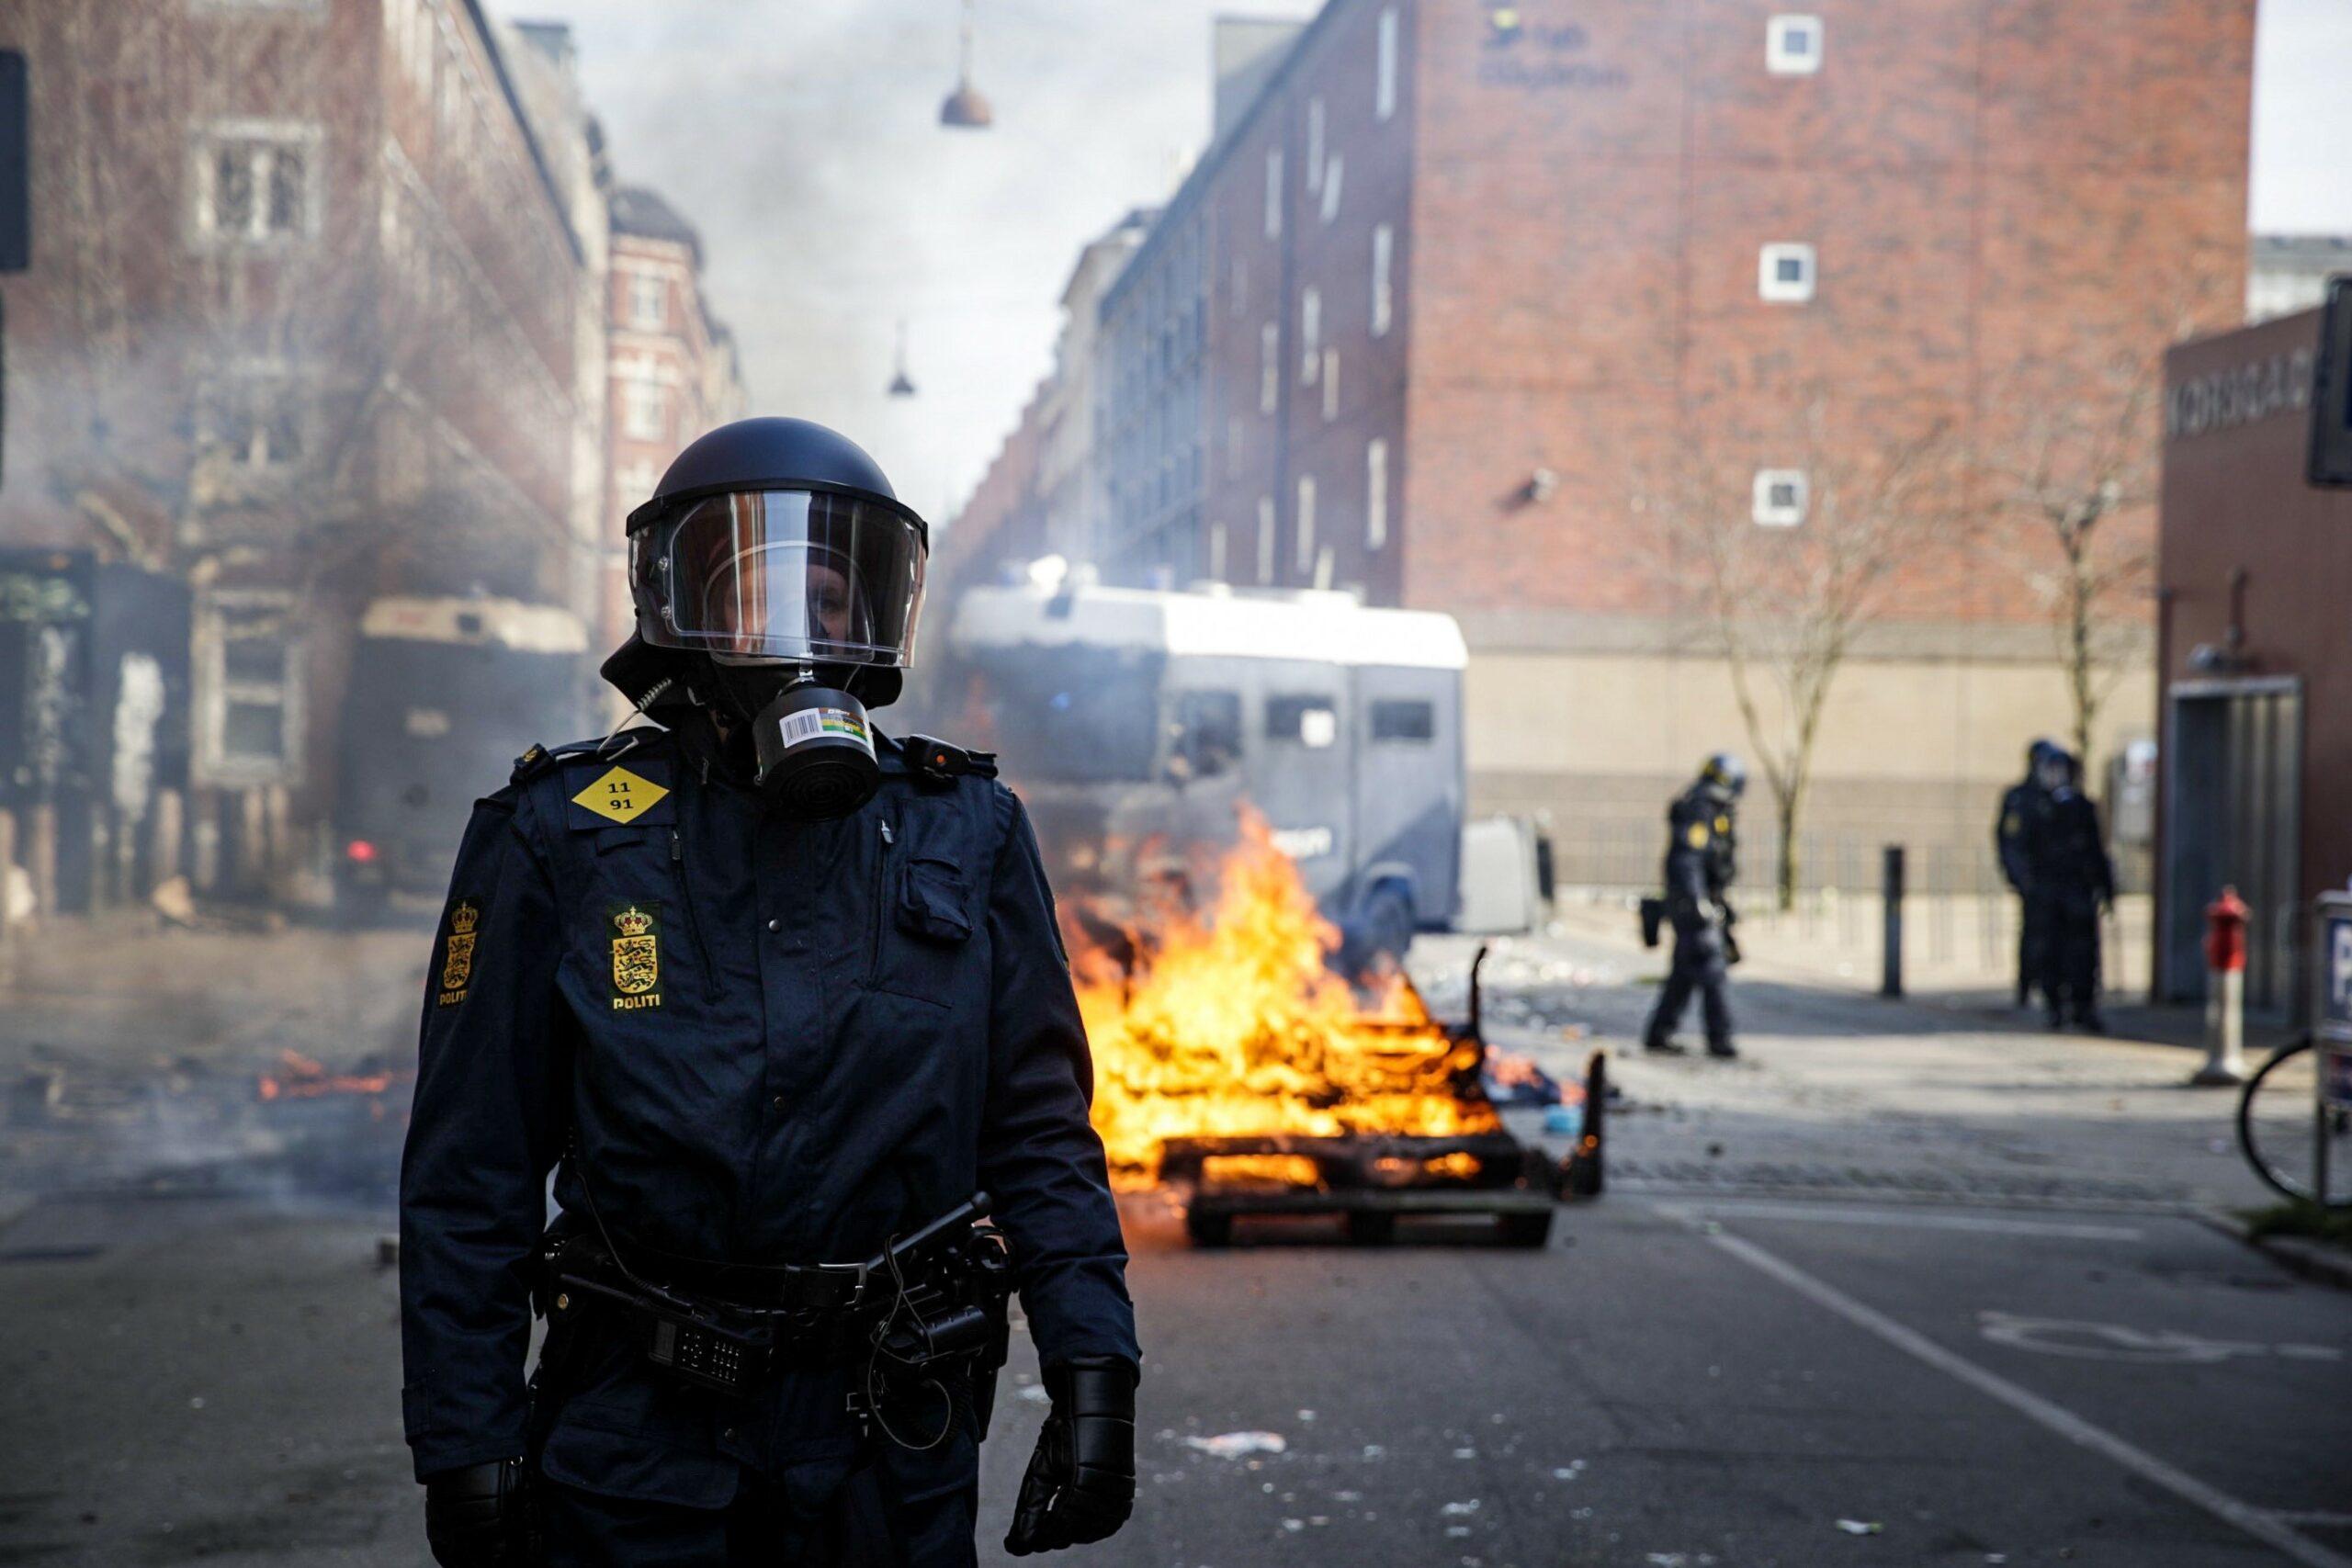 Ung mand kastede sten mod politiet ved Paludan-demonstration - nu skal hele familien smides på gaden